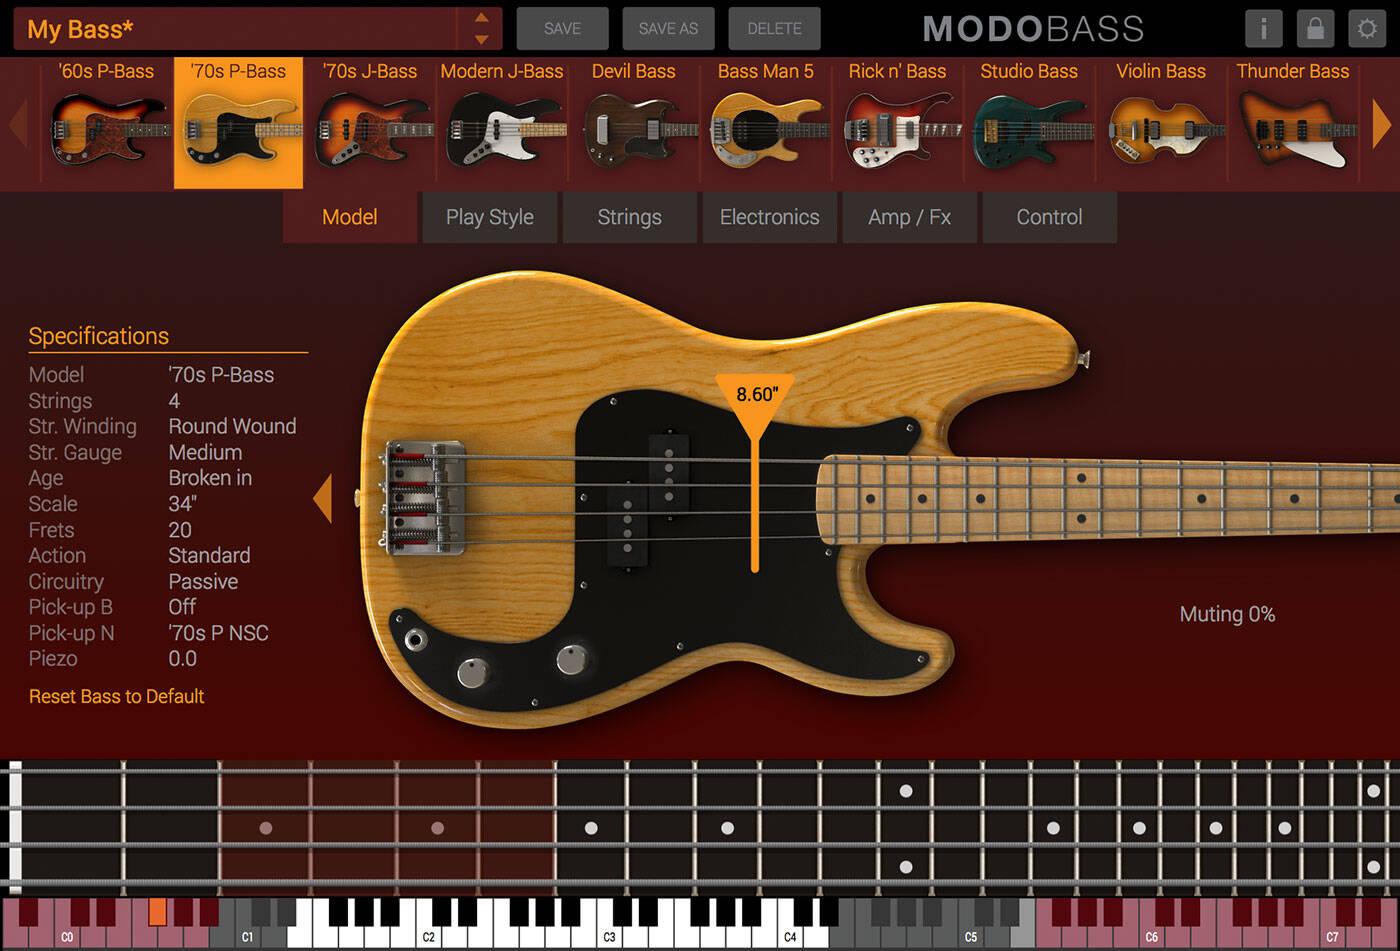 modobass_model_70_p_bass